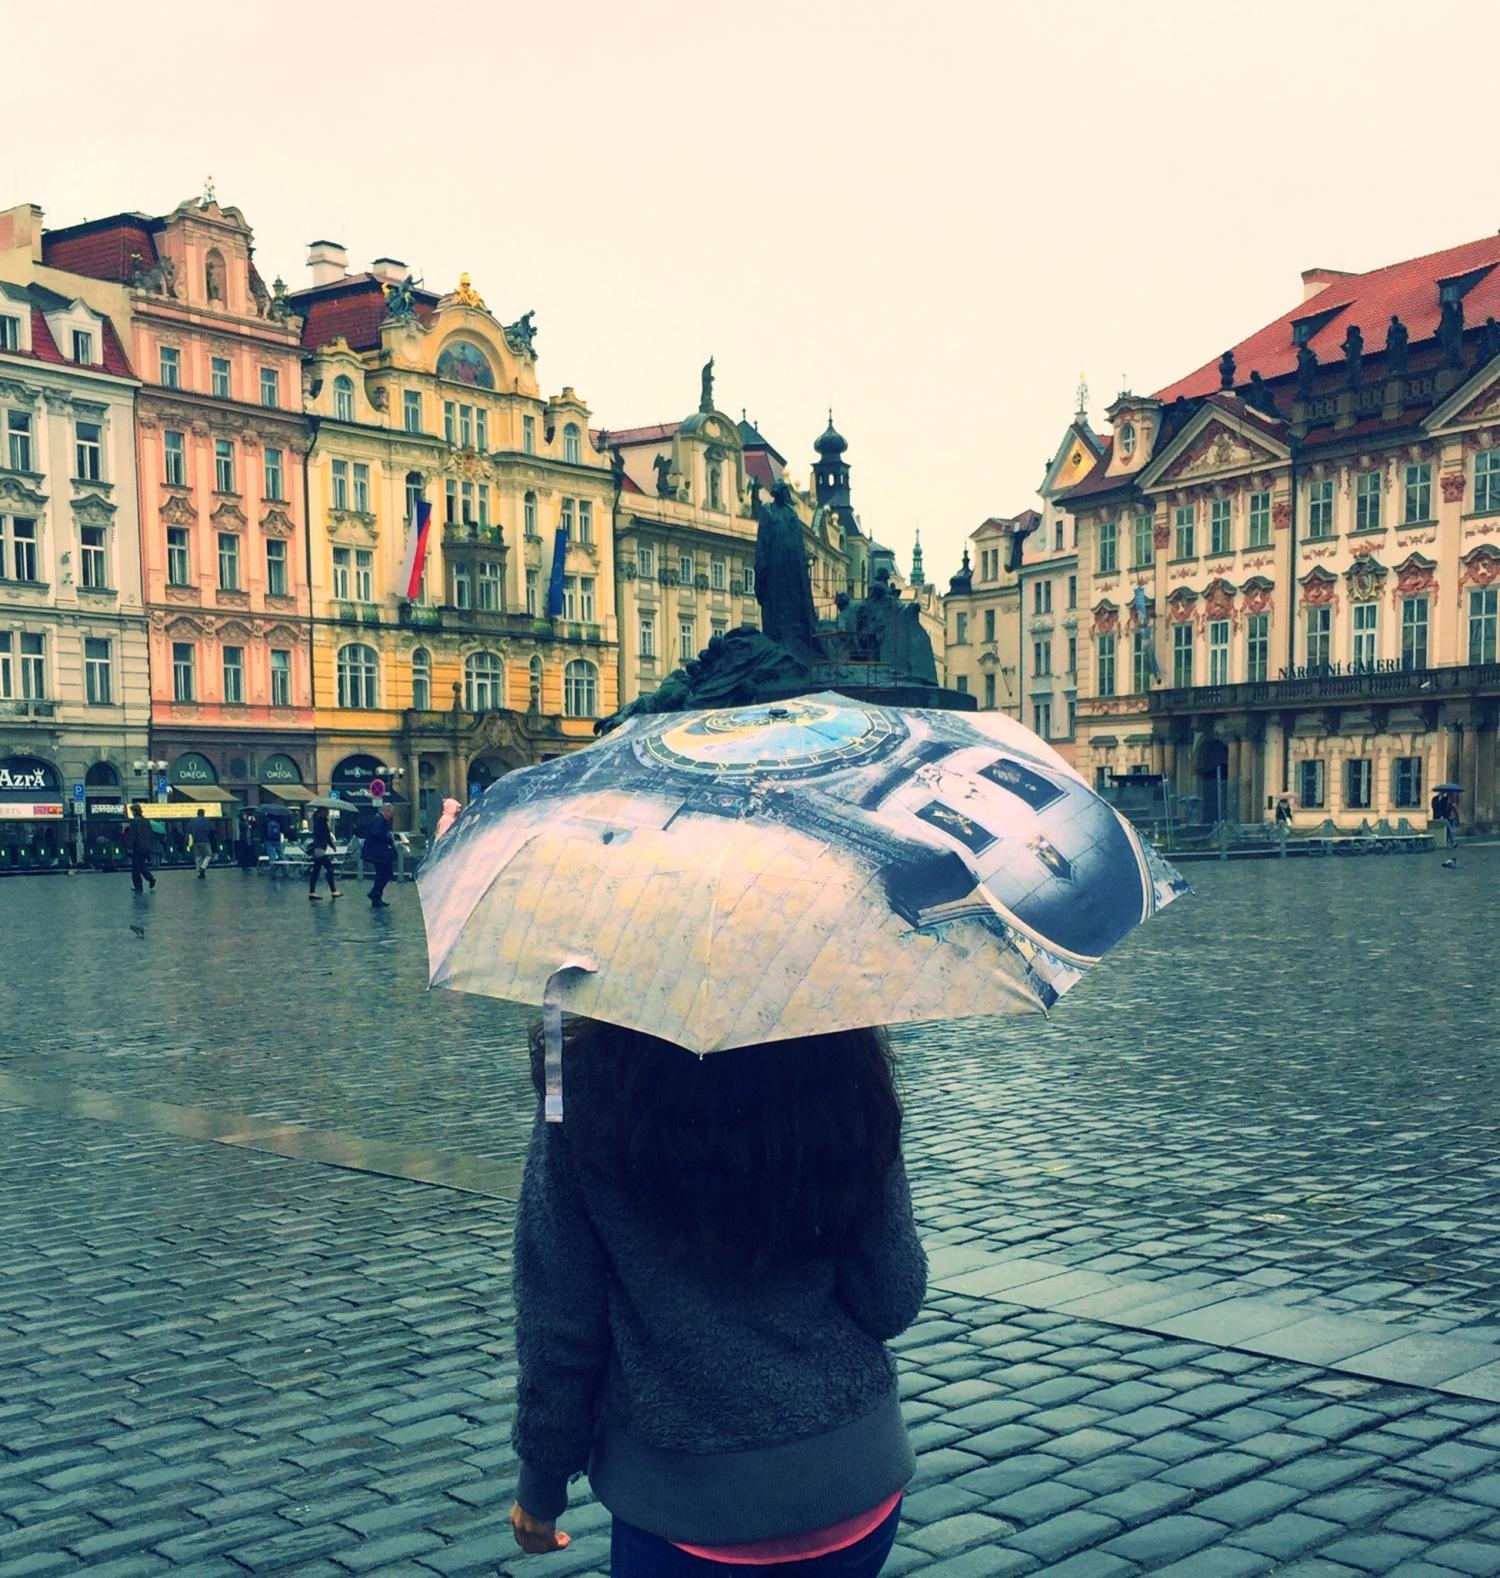 Começou a chover